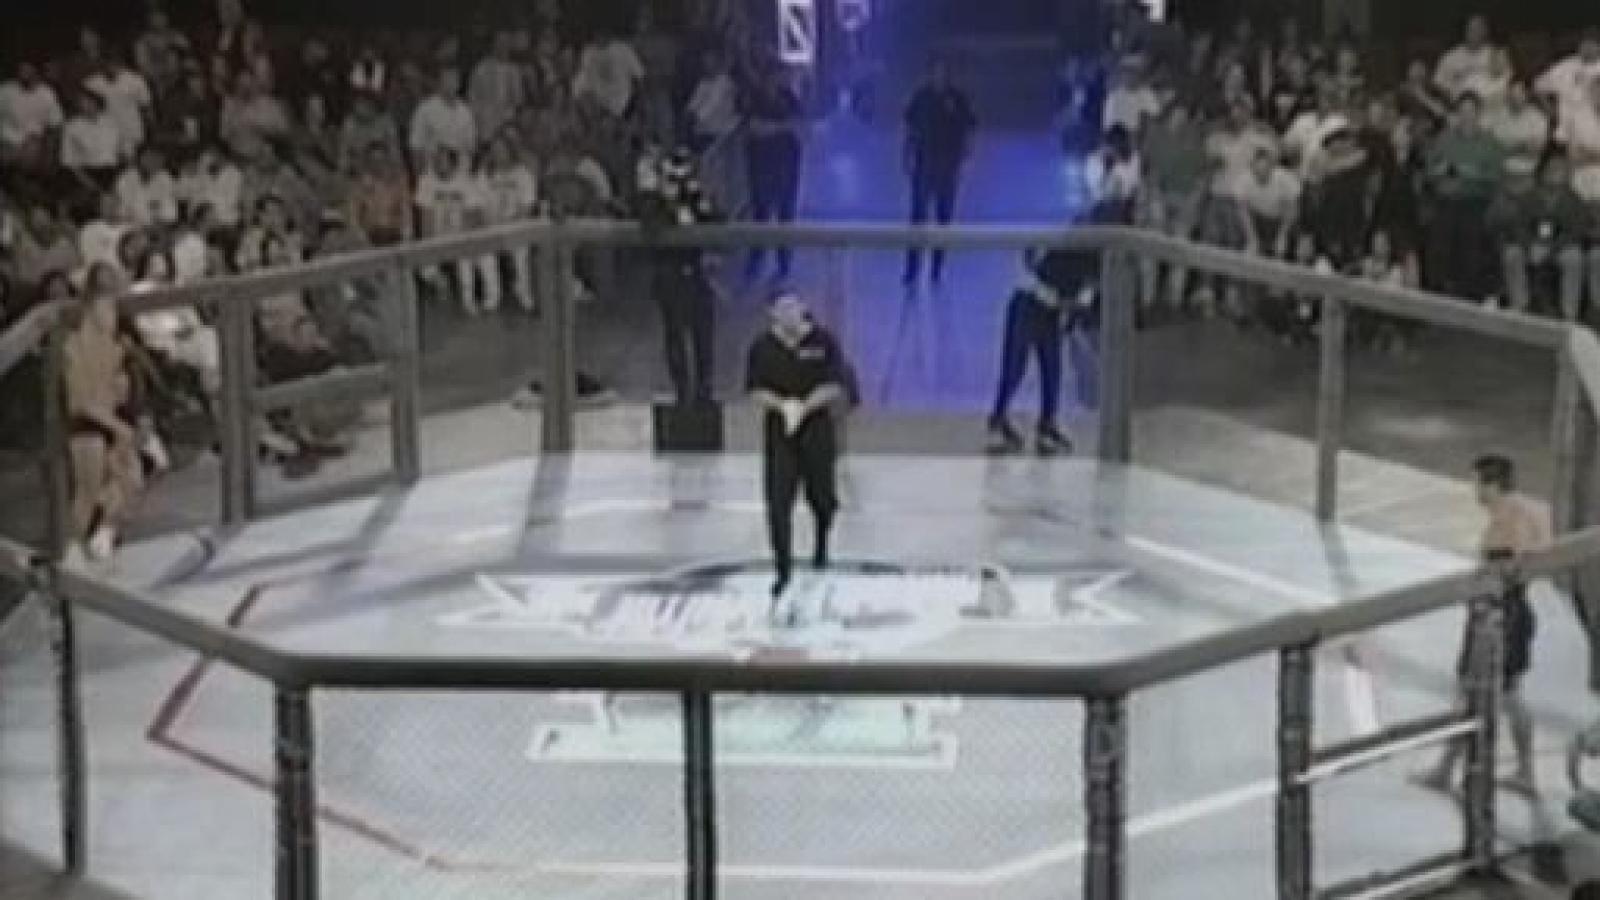 VIDEO: Đòn khóa cổ chuẩn xác, kết thúc trận đấu võ tự do chỉ sau 9 giây